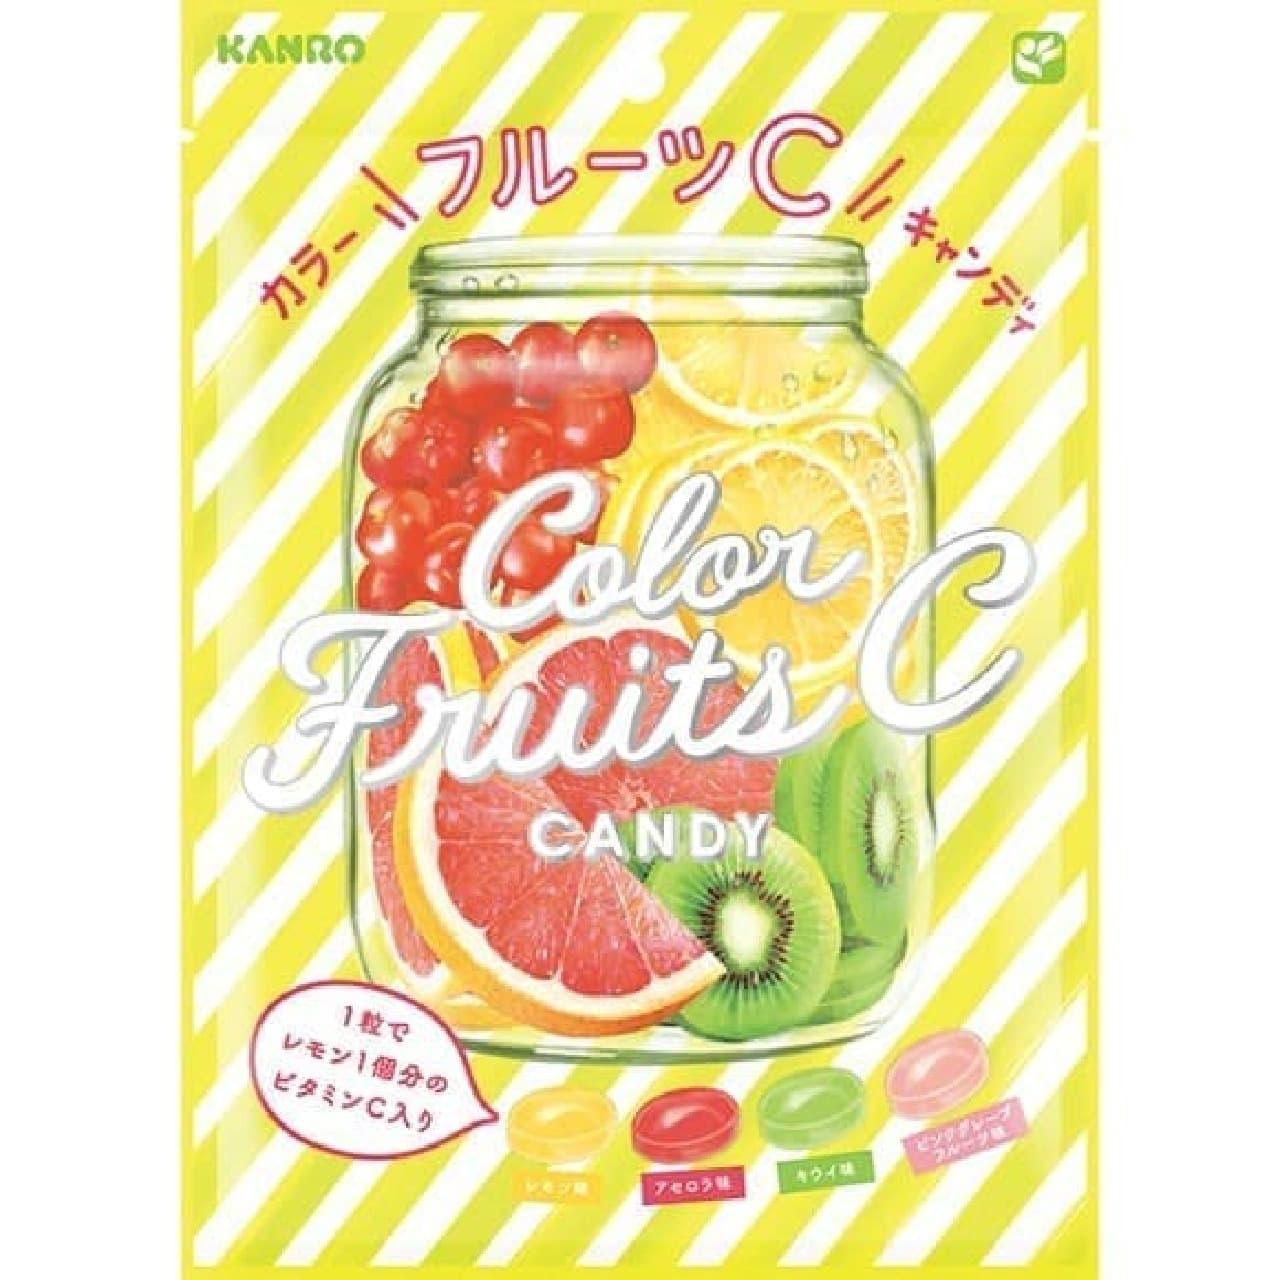 「カラーフルーツCキャンディ」は、1粒にレモン1個分のビタミンCが入ったキャンディ